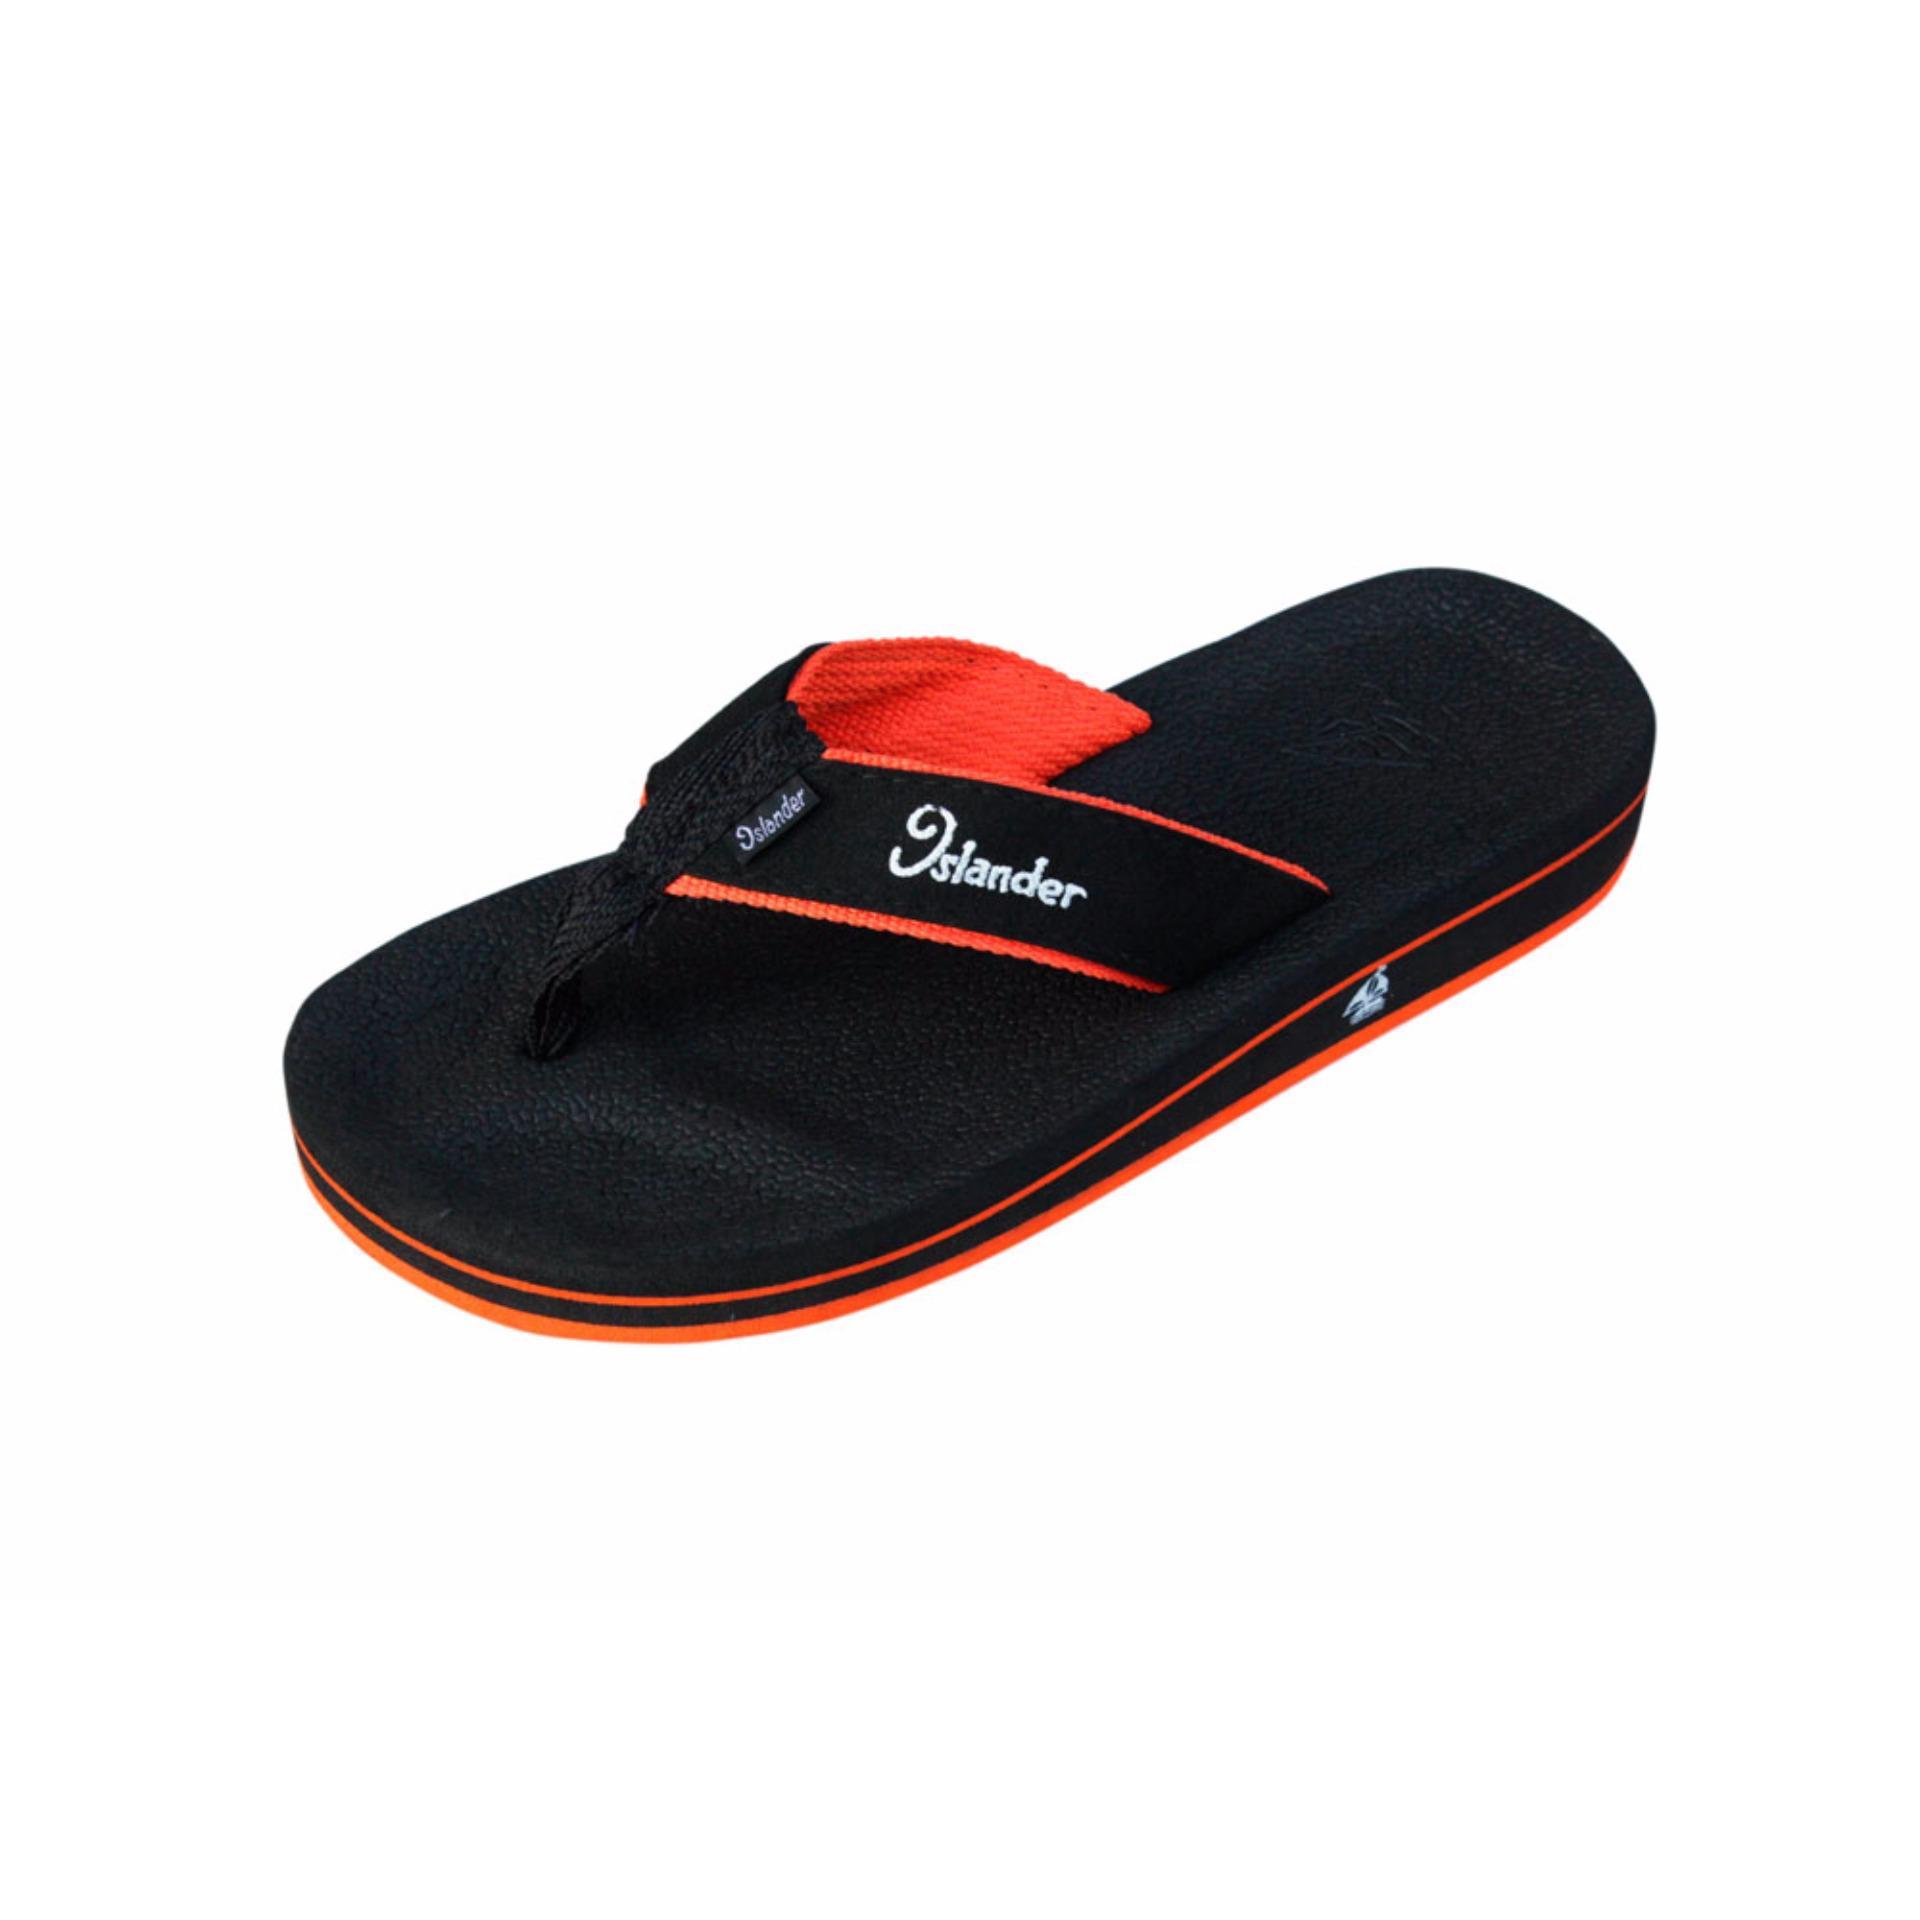 d208d1287e223 Islander Philippines  Islander price list - Slippers for Men for ...